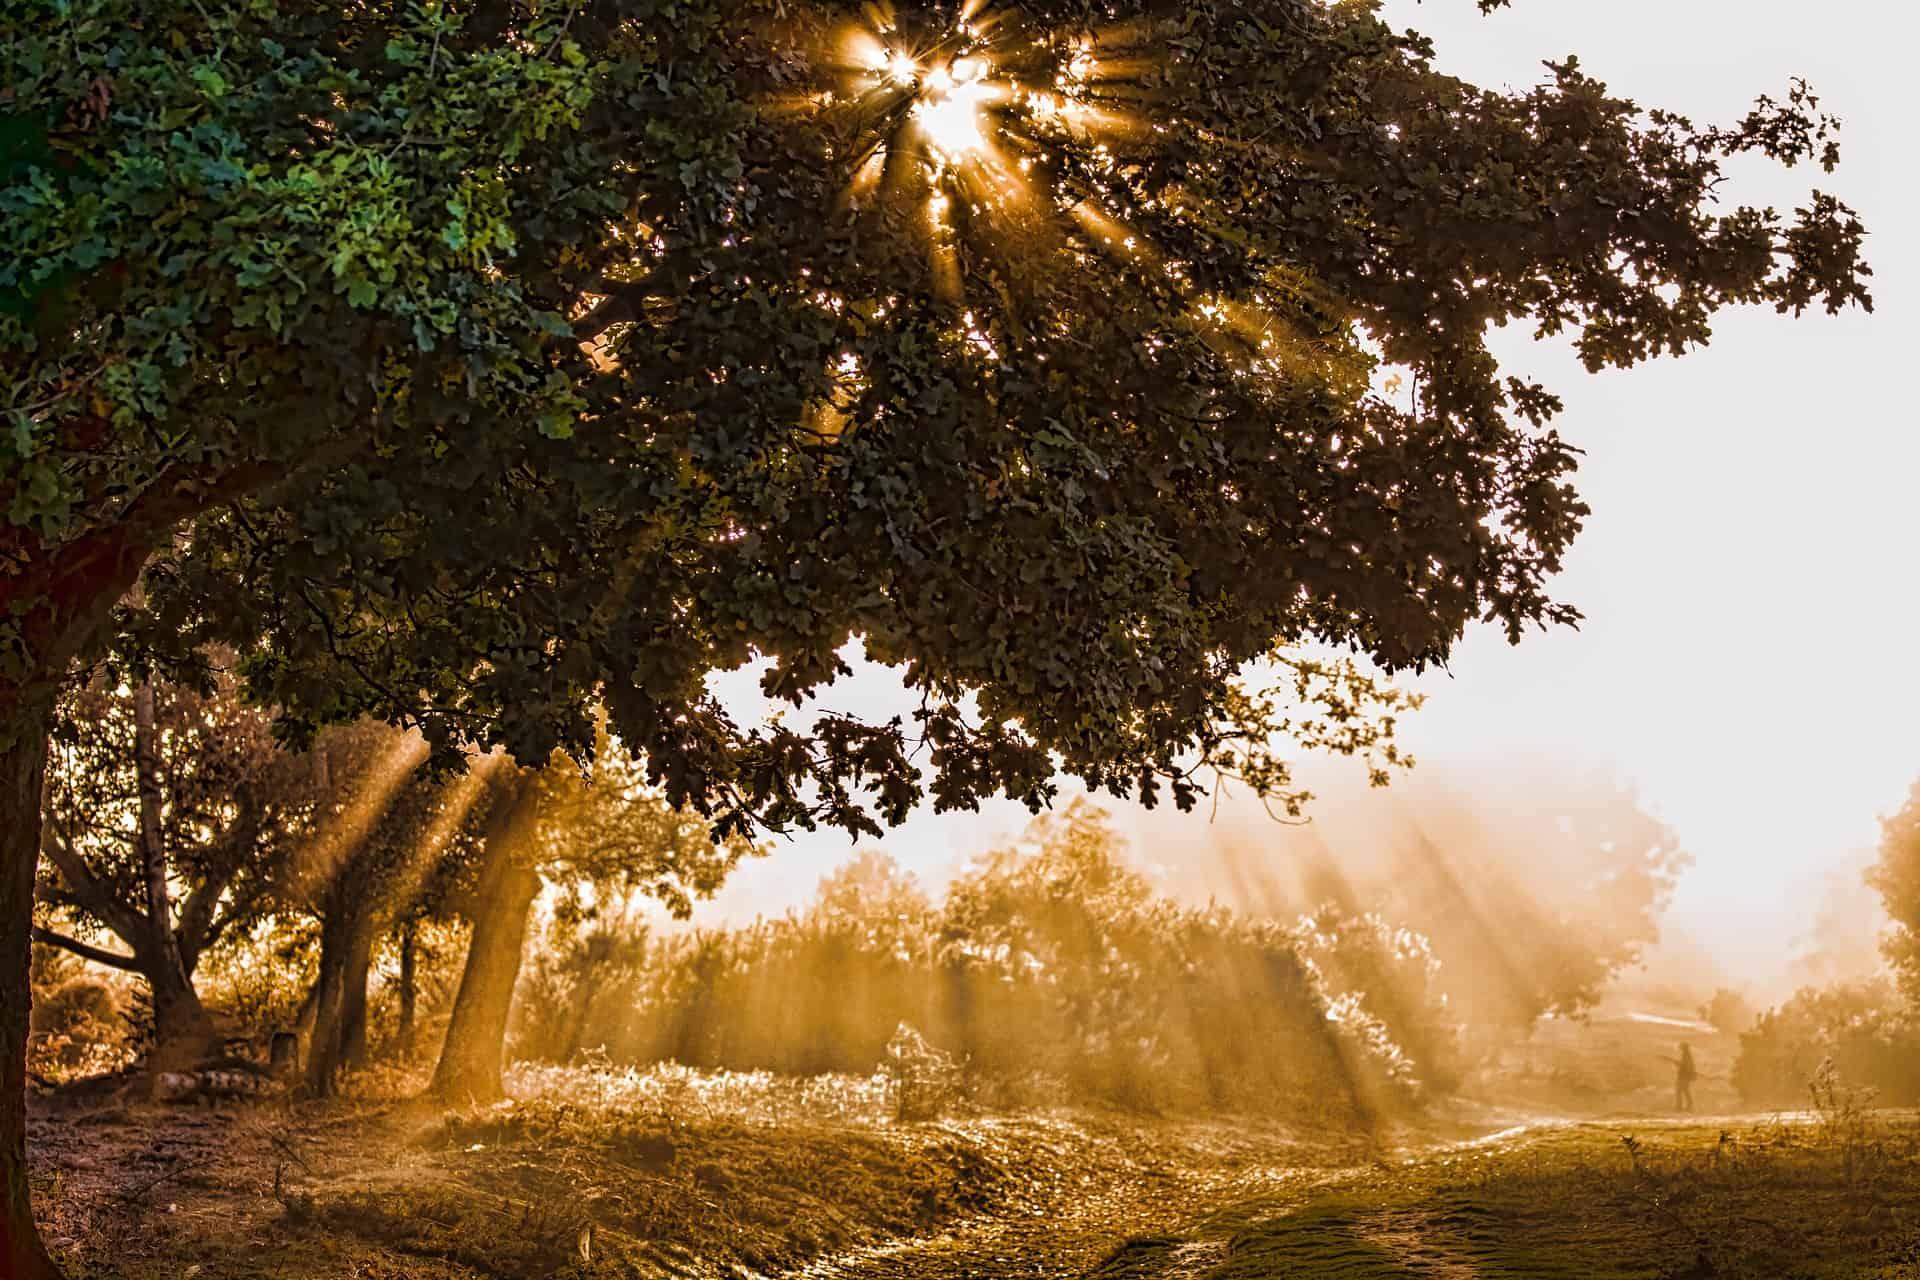 sunlight-2116161_1920.jpg